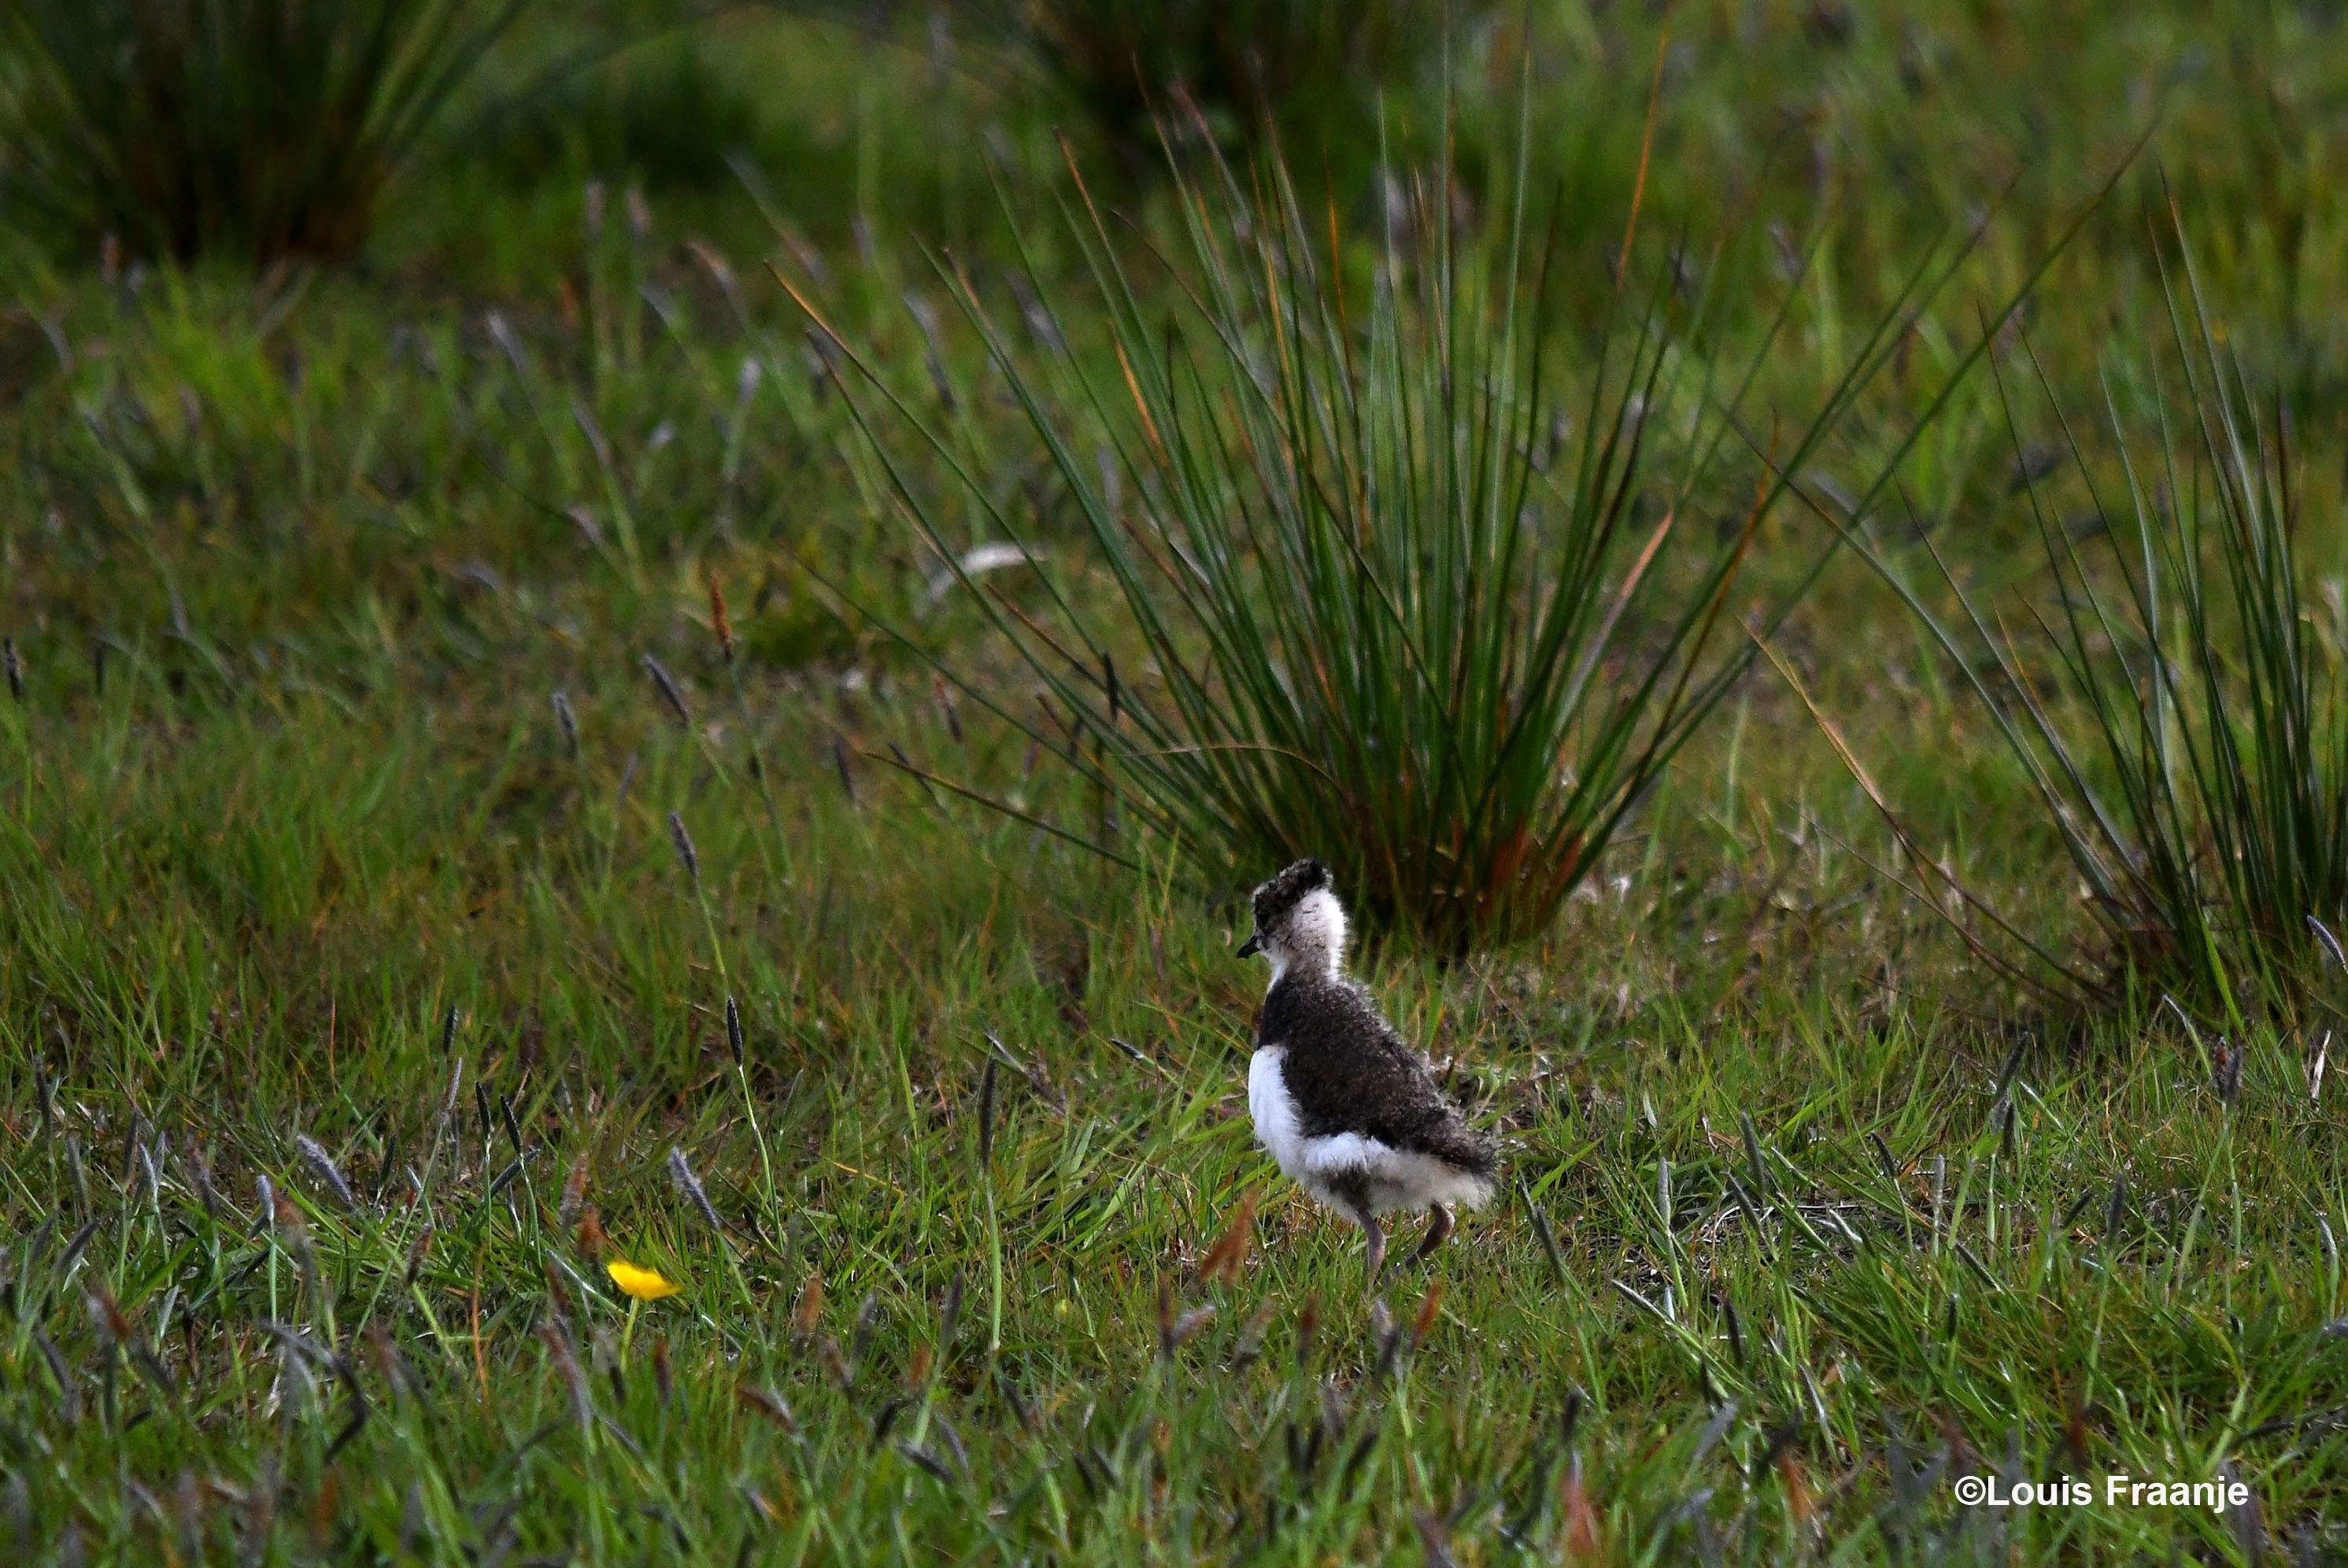 ontdekt een jonge kievit - Foto: ©Louis Fraanje